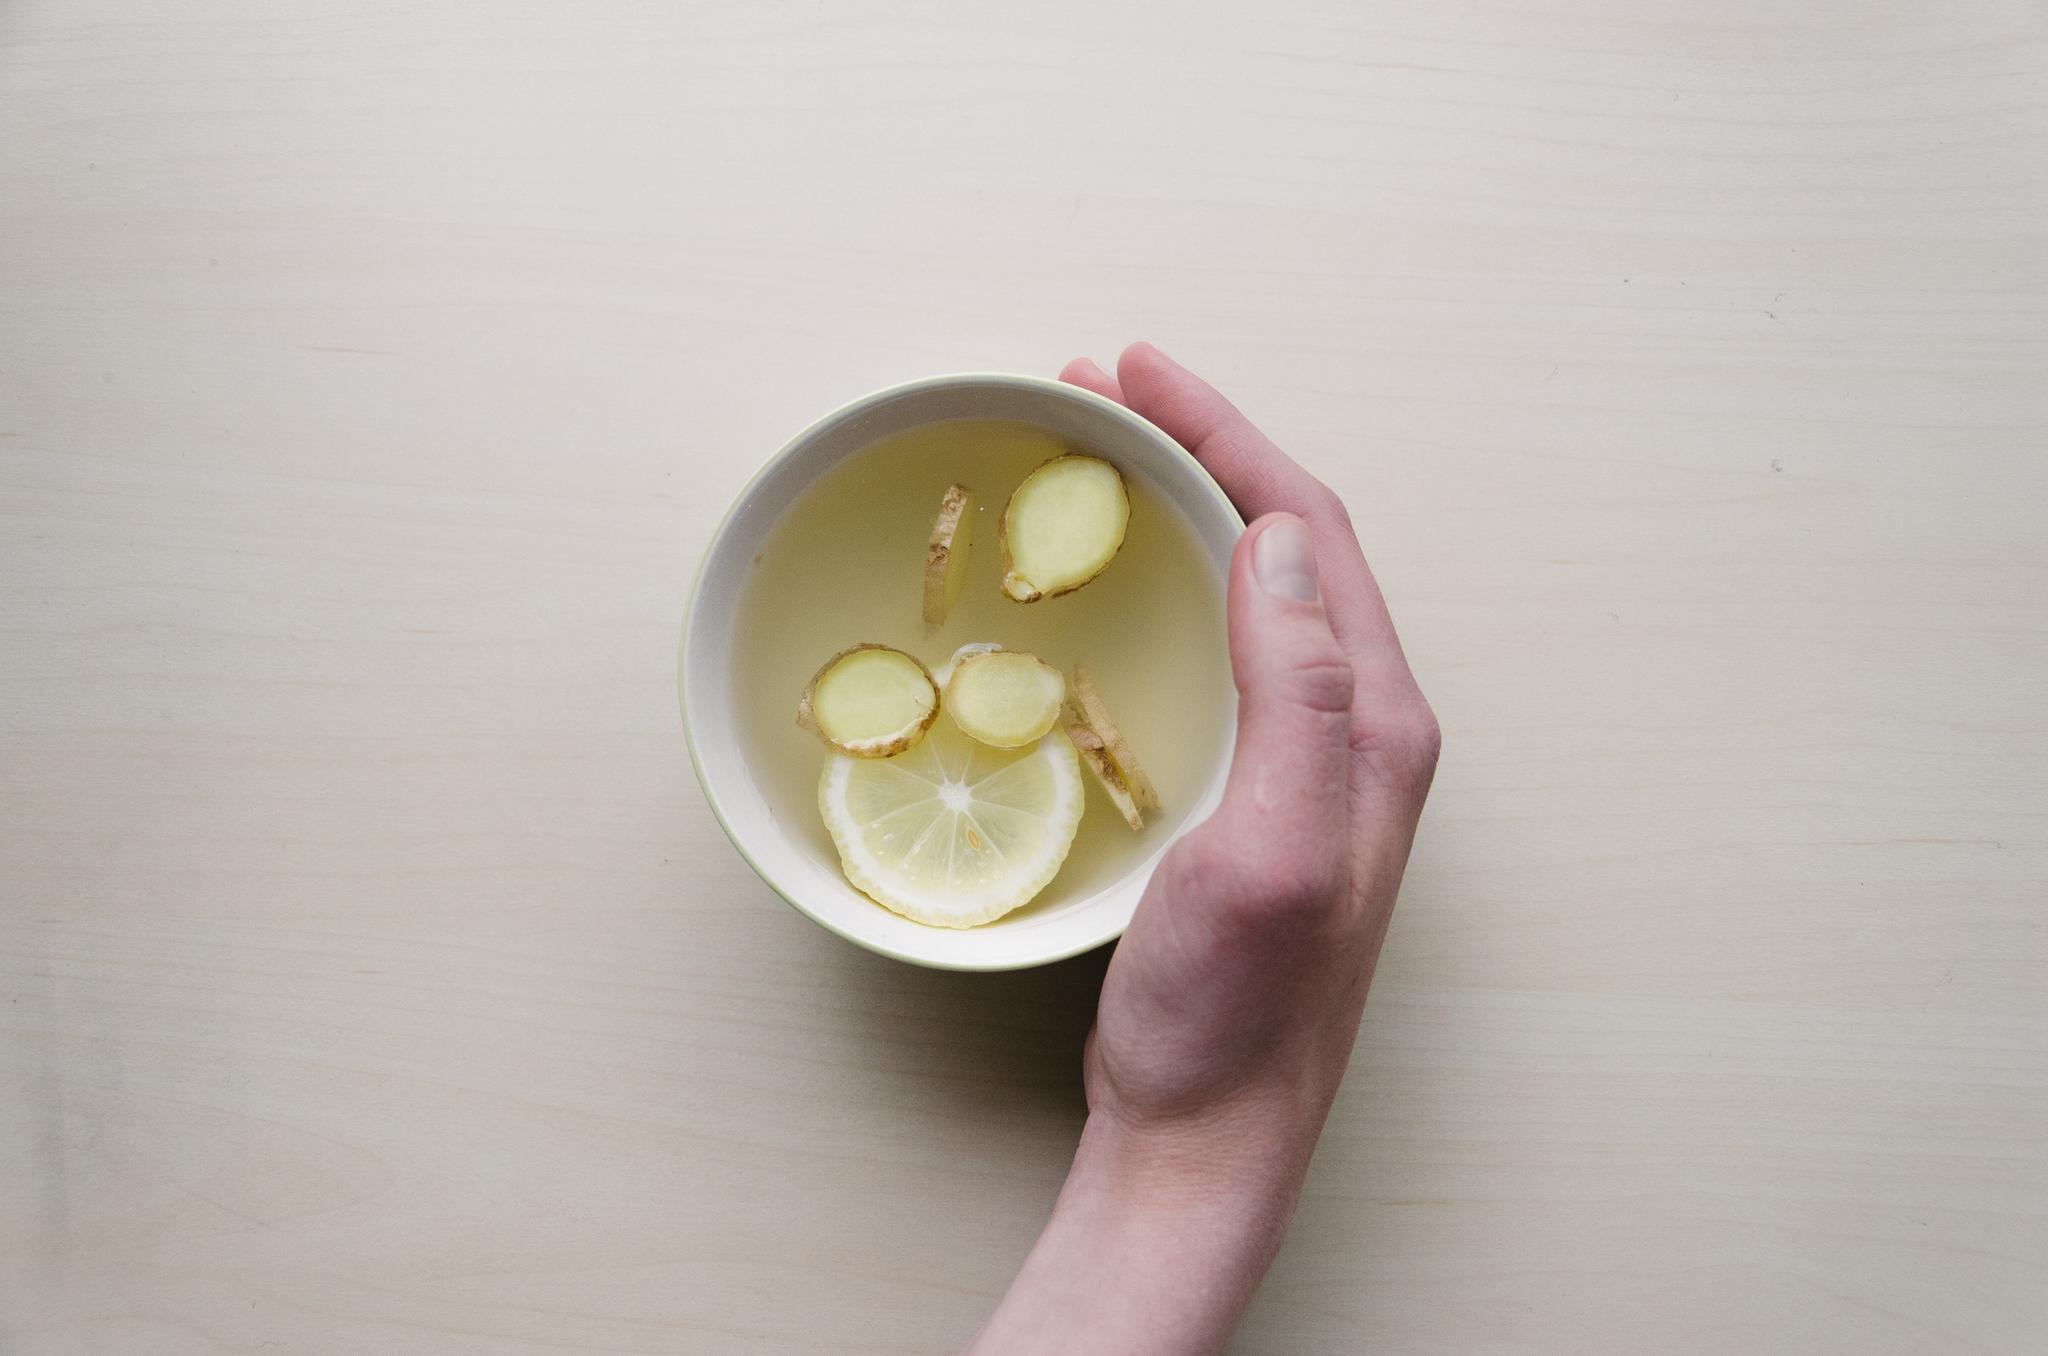 Nicht vergessen: Auch ein einfacher Tee (wie hier aus Ingwer- und Zitronenscheiben) kann bei einer Erkältung schon Wunder bewirken.